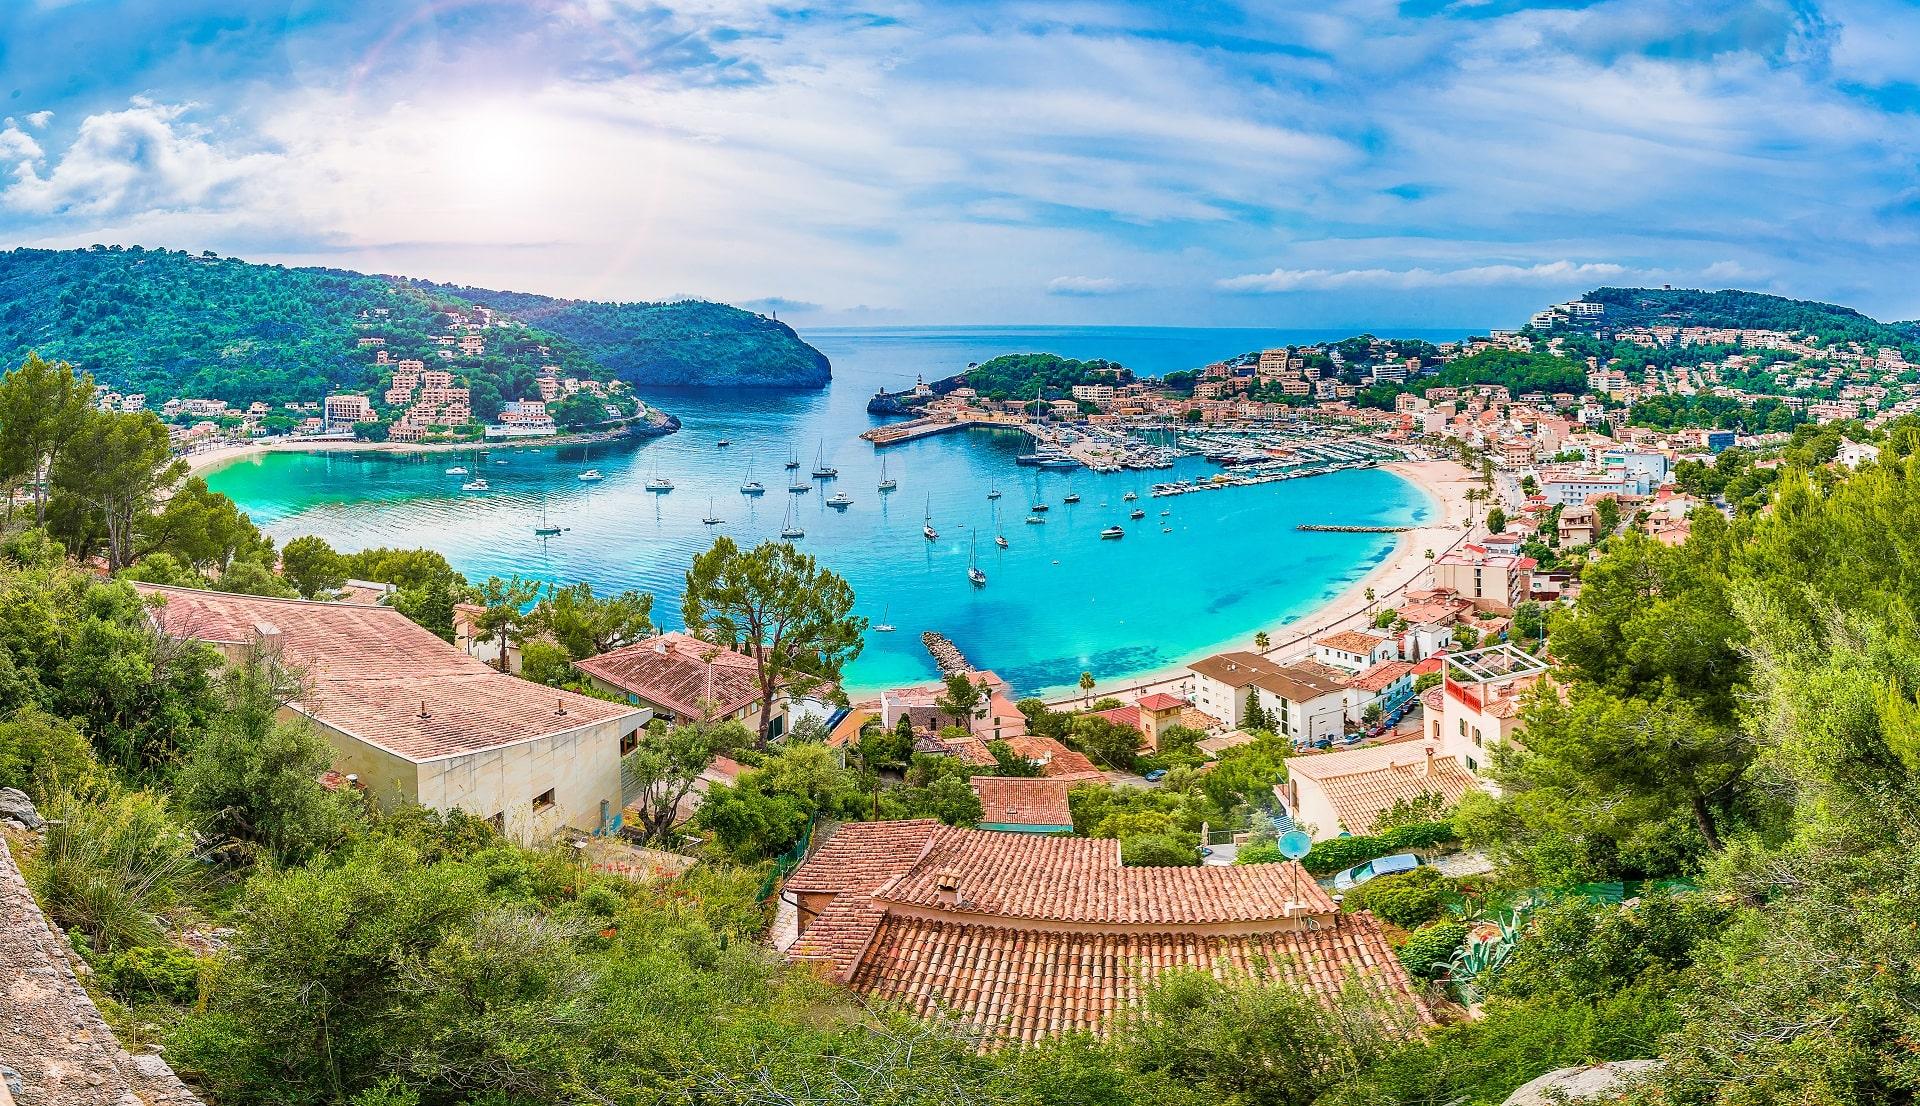 Palma-Majorca-Bay